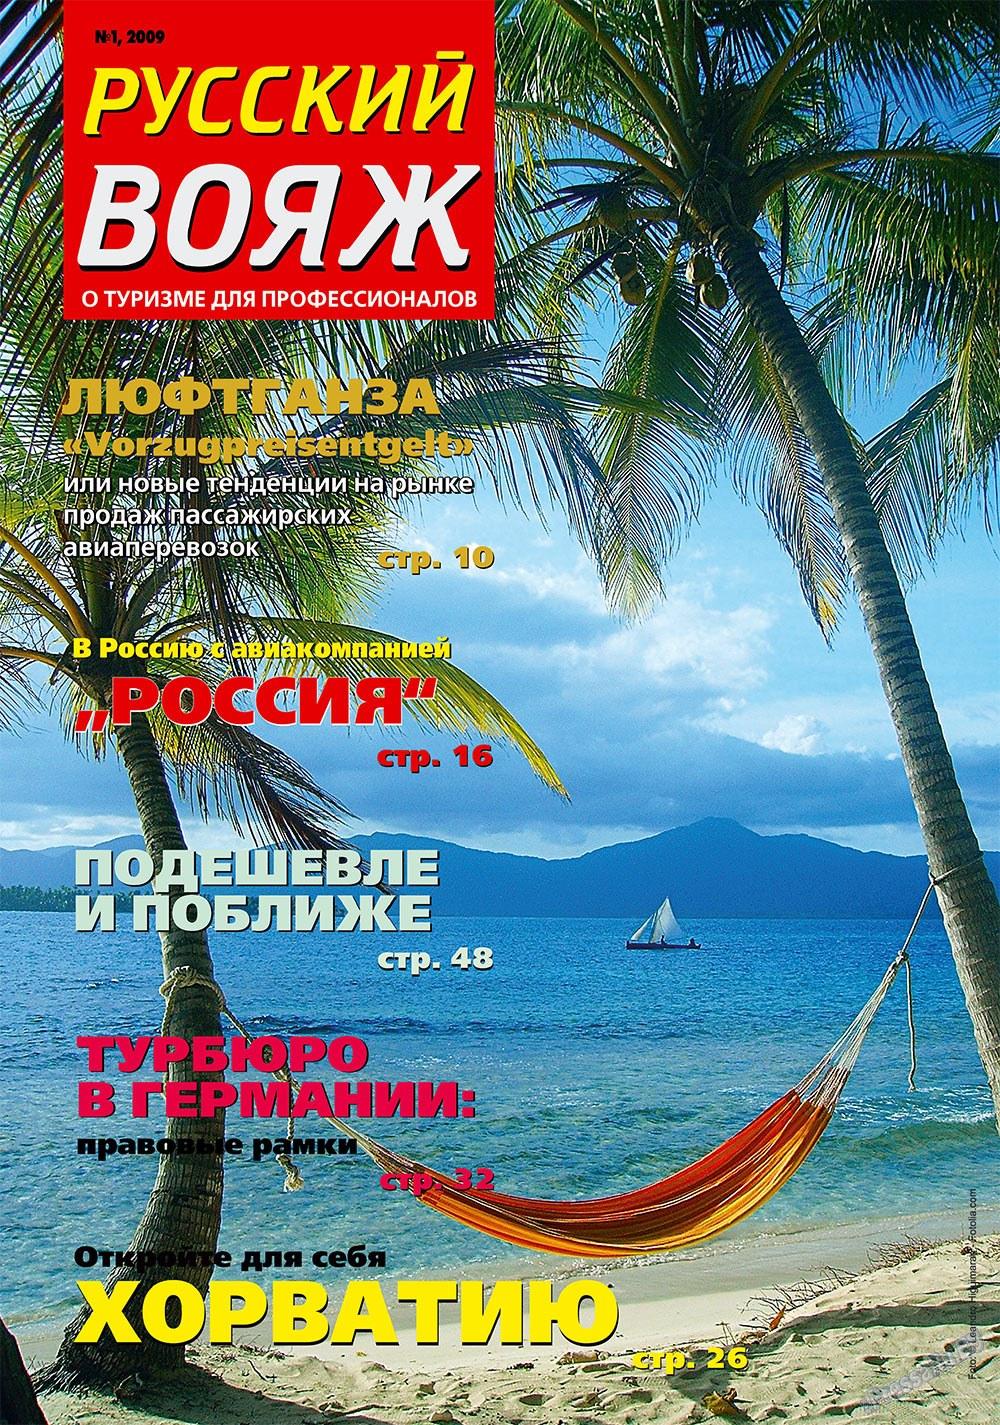 Русский вояж (журнал). 2009 год, номер 1, стр. 1